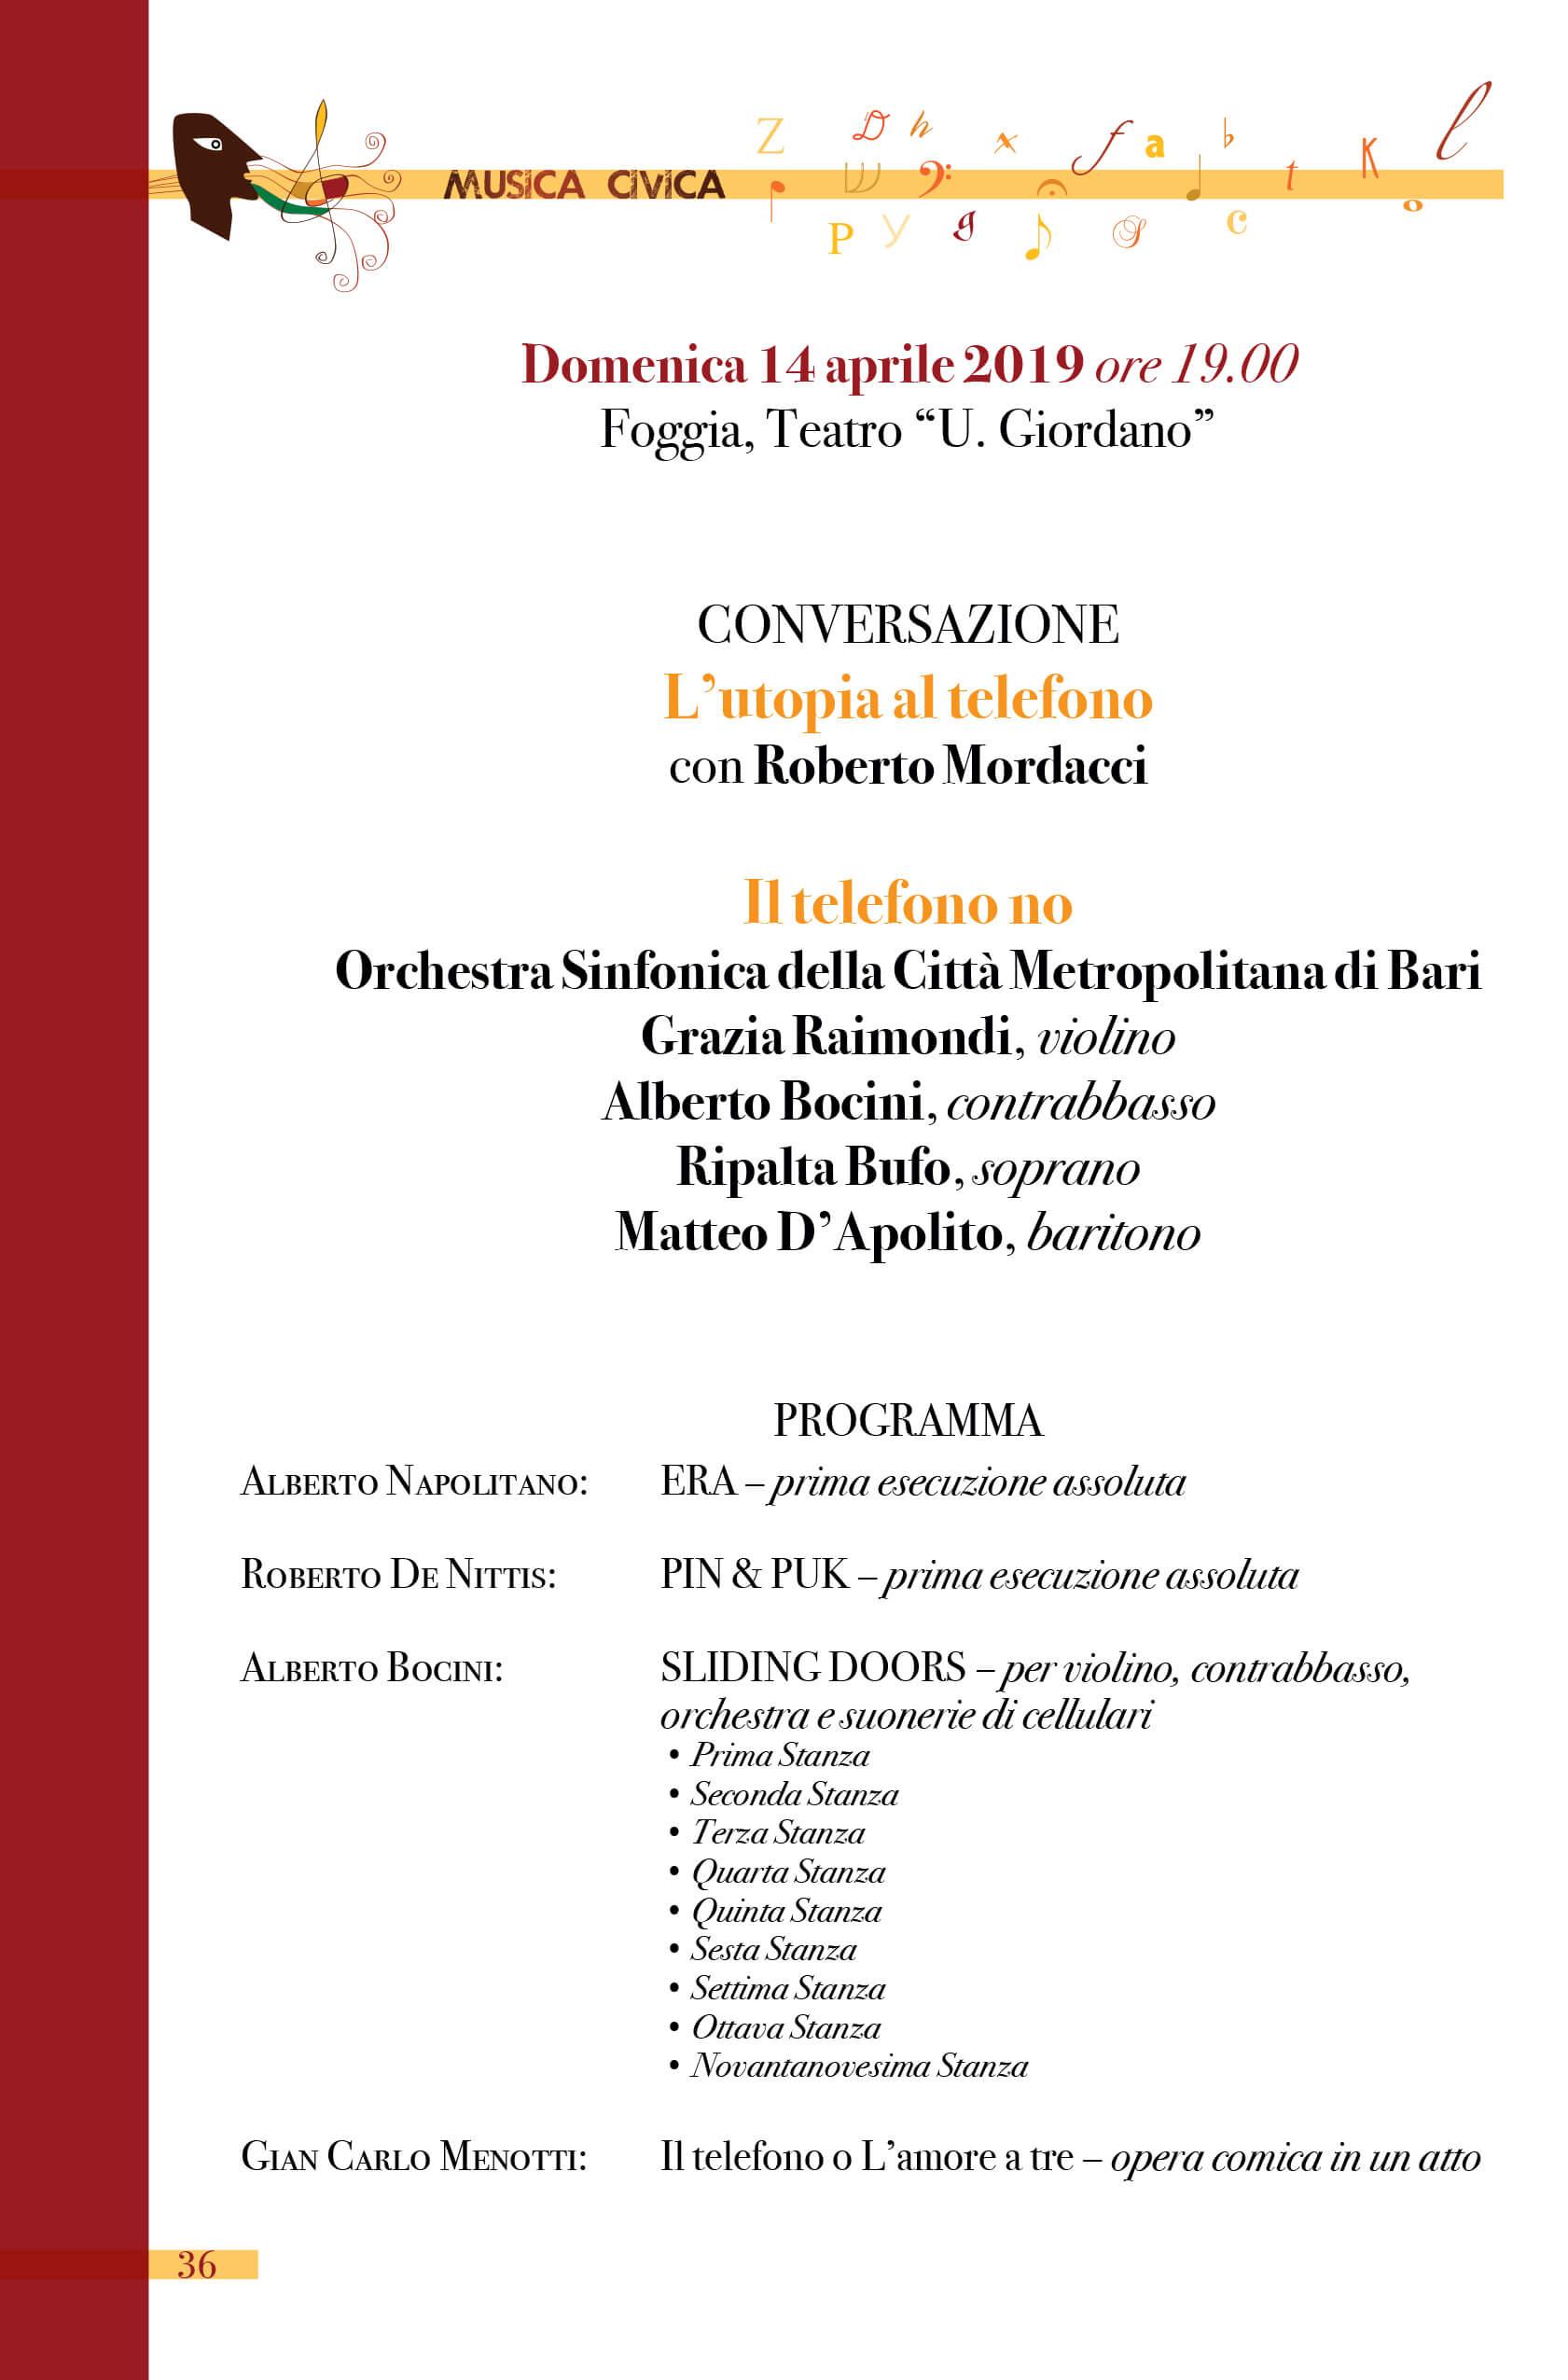 nbbrecords-news-libretto-musica-civica-36